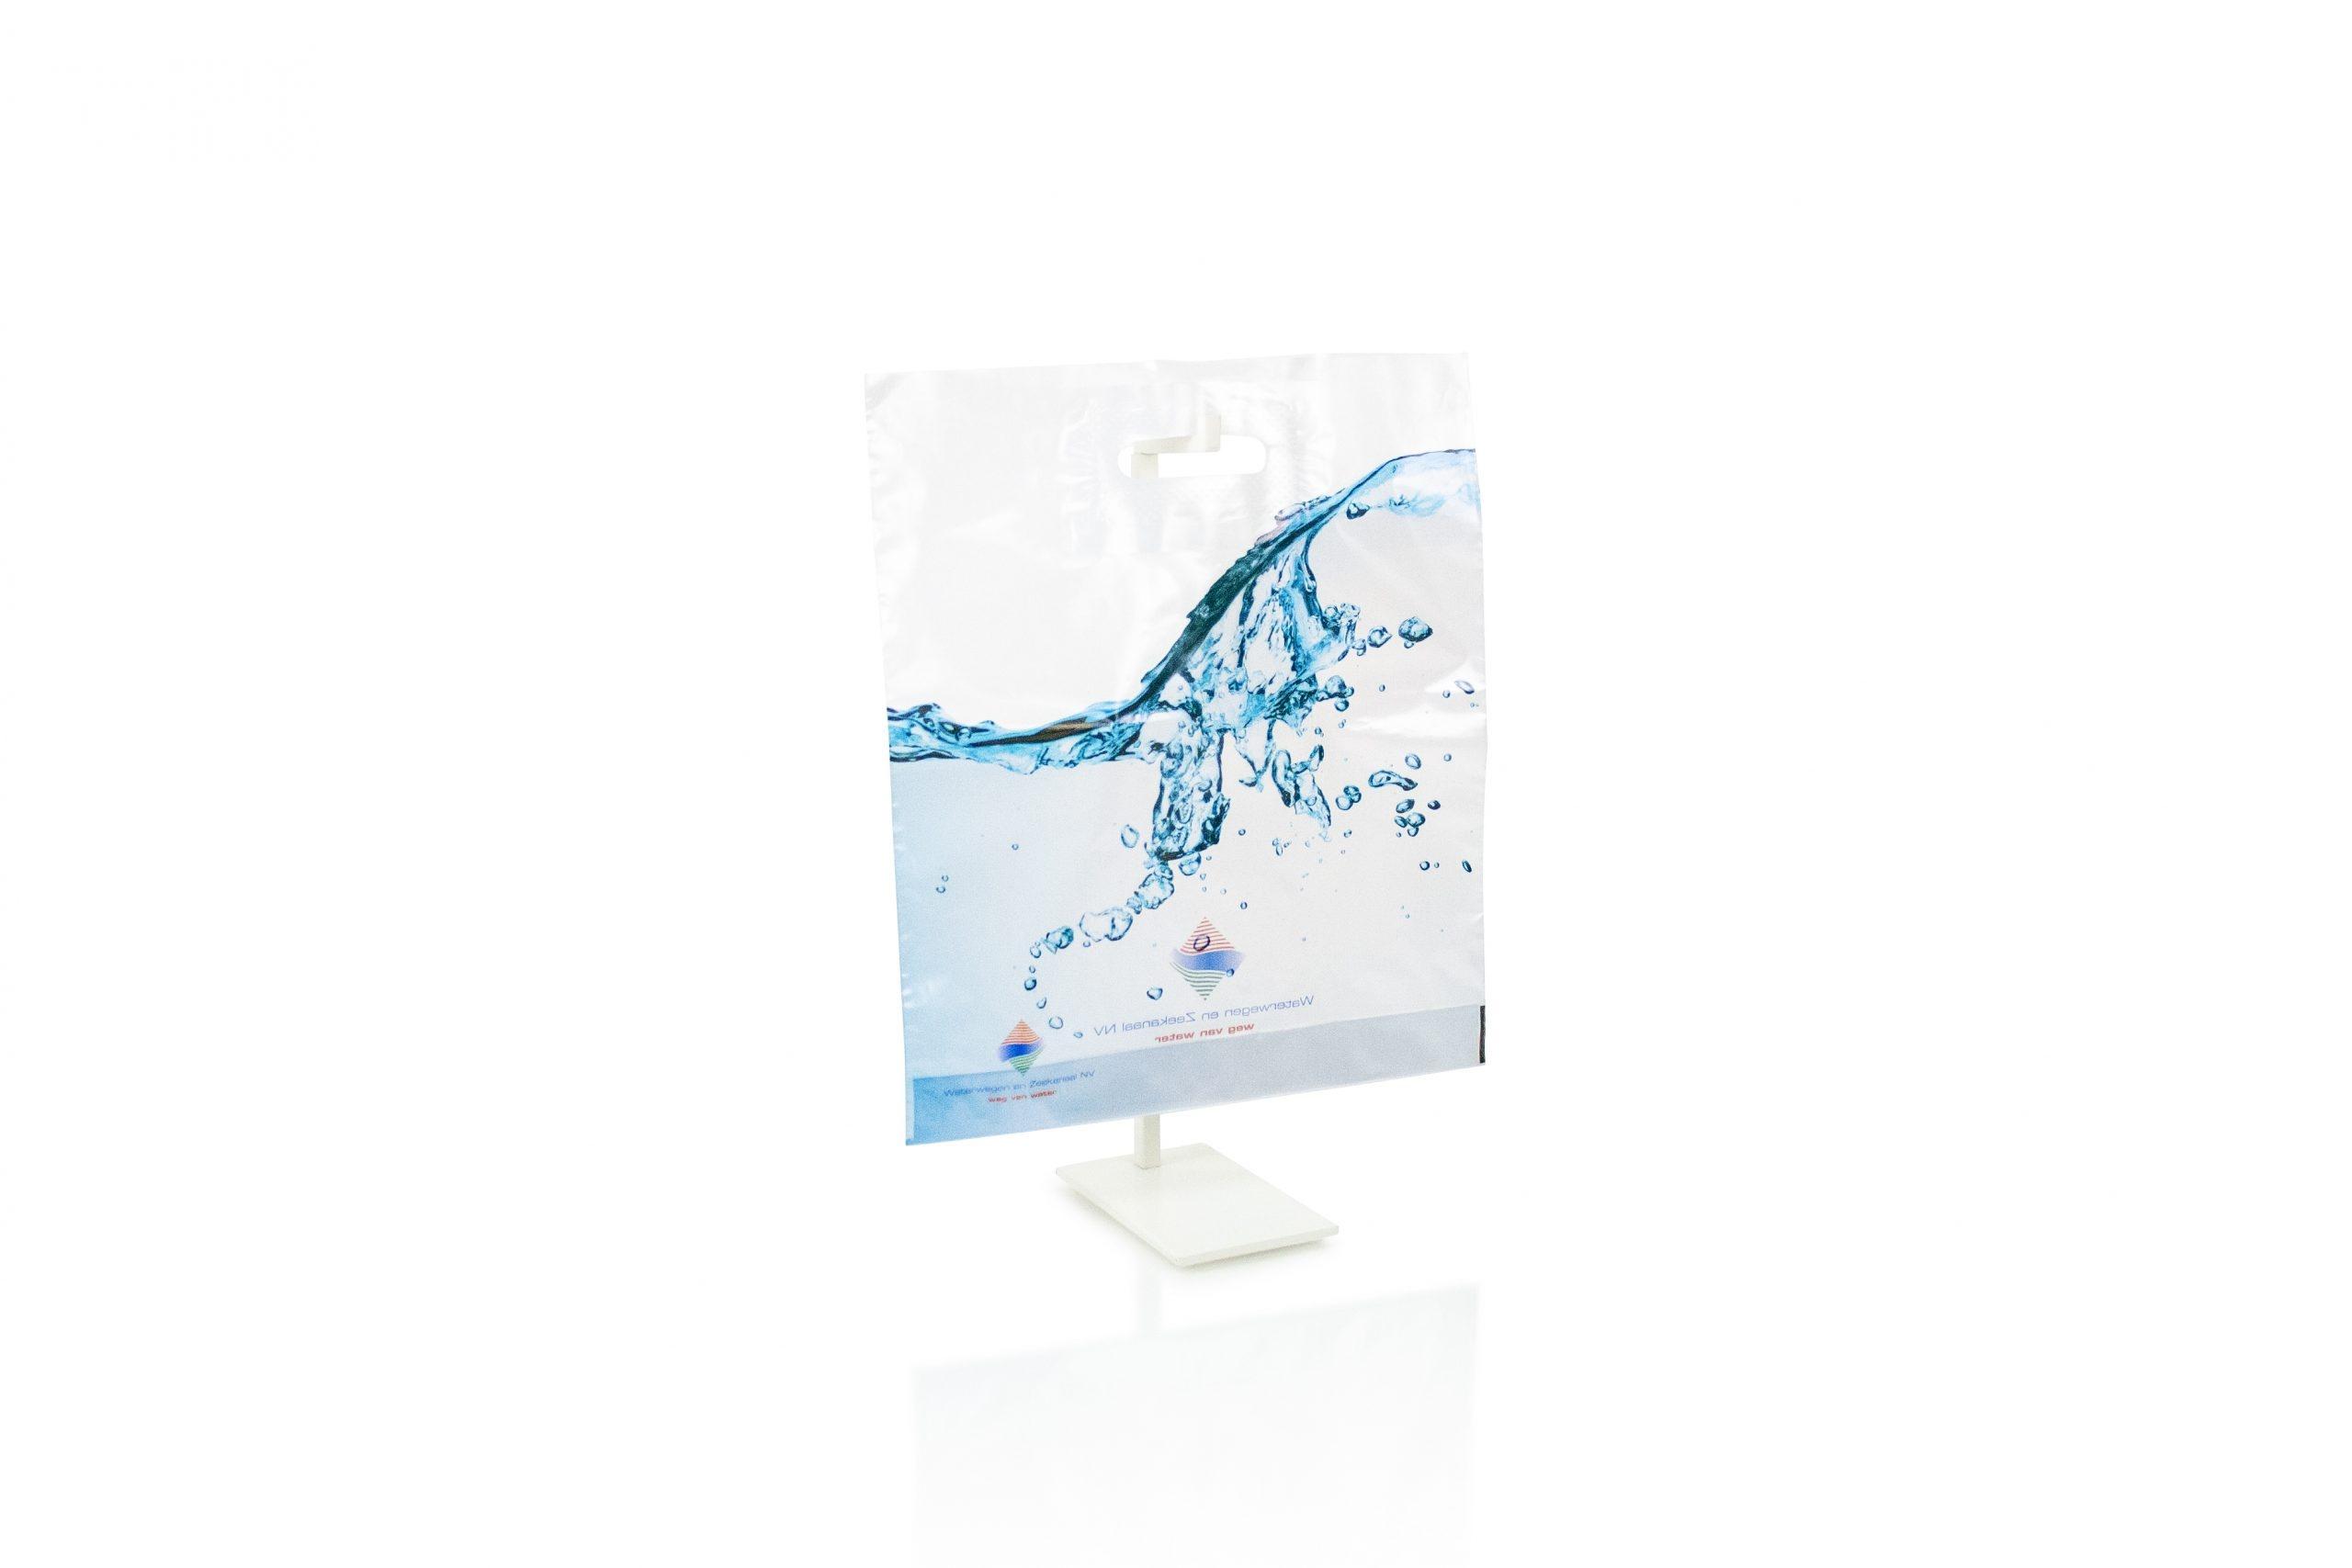 Plastic draagtas met uitgekapt handvat - gepersonaliseerd met bedrijfsnaam of logo